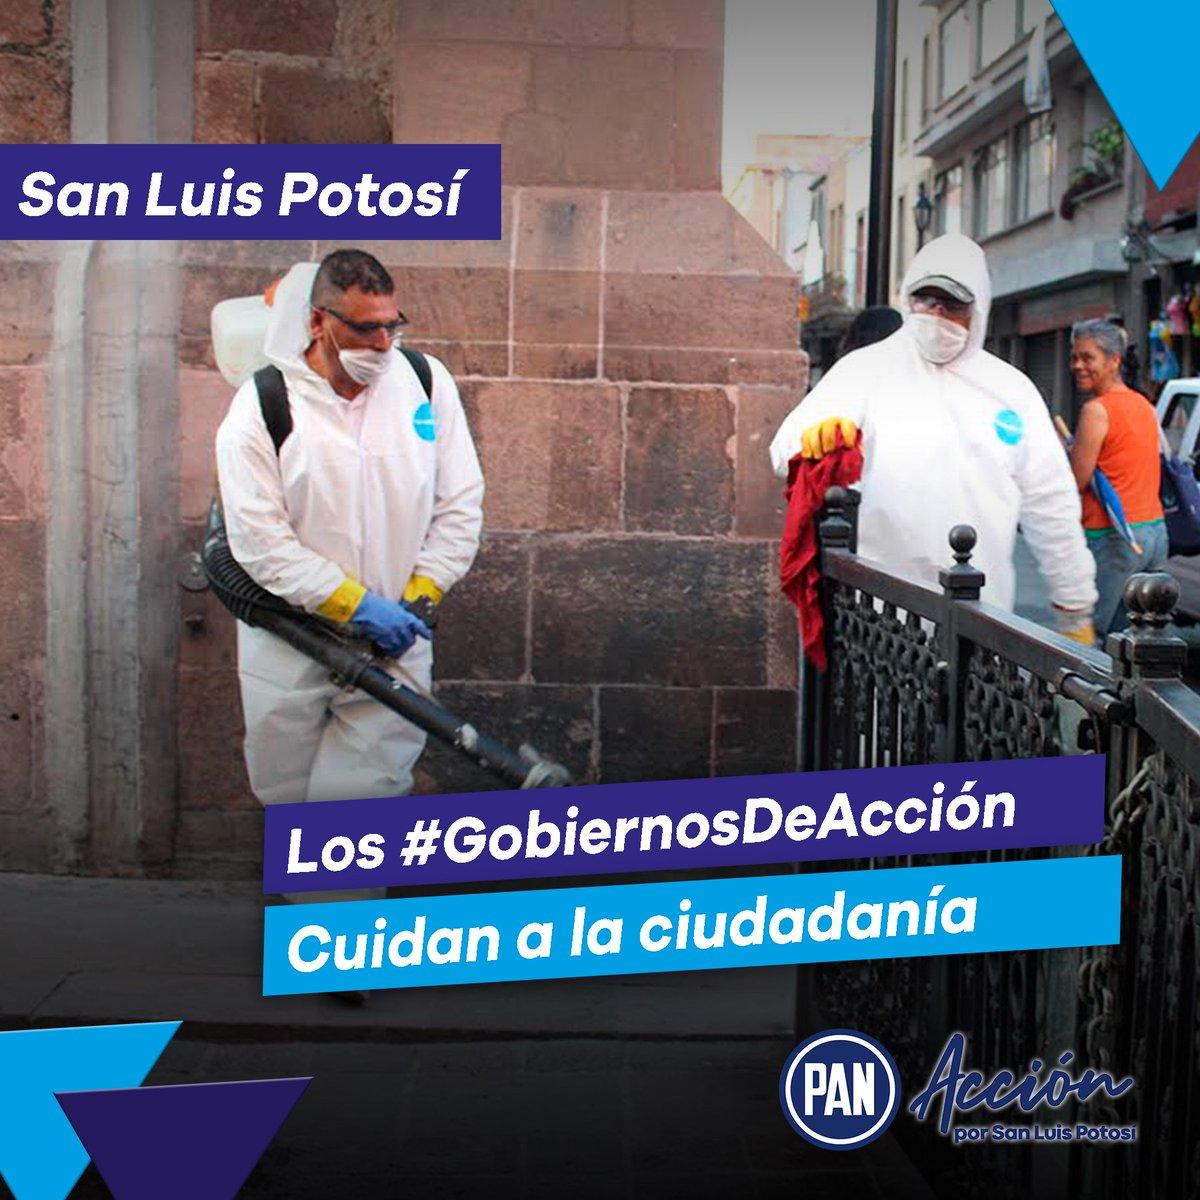 Los #GobiernosDeAcción se preocupan por sus ciudadanos y ciudadanas🙌🔵  En San Luis Potosí nuestros gobiernos panistas cuidan la salud de las y los potosinos desinfectando espacios públicos por el bien de todos y todas. 🙌🔵 https://t.co/KYufqs4GBS